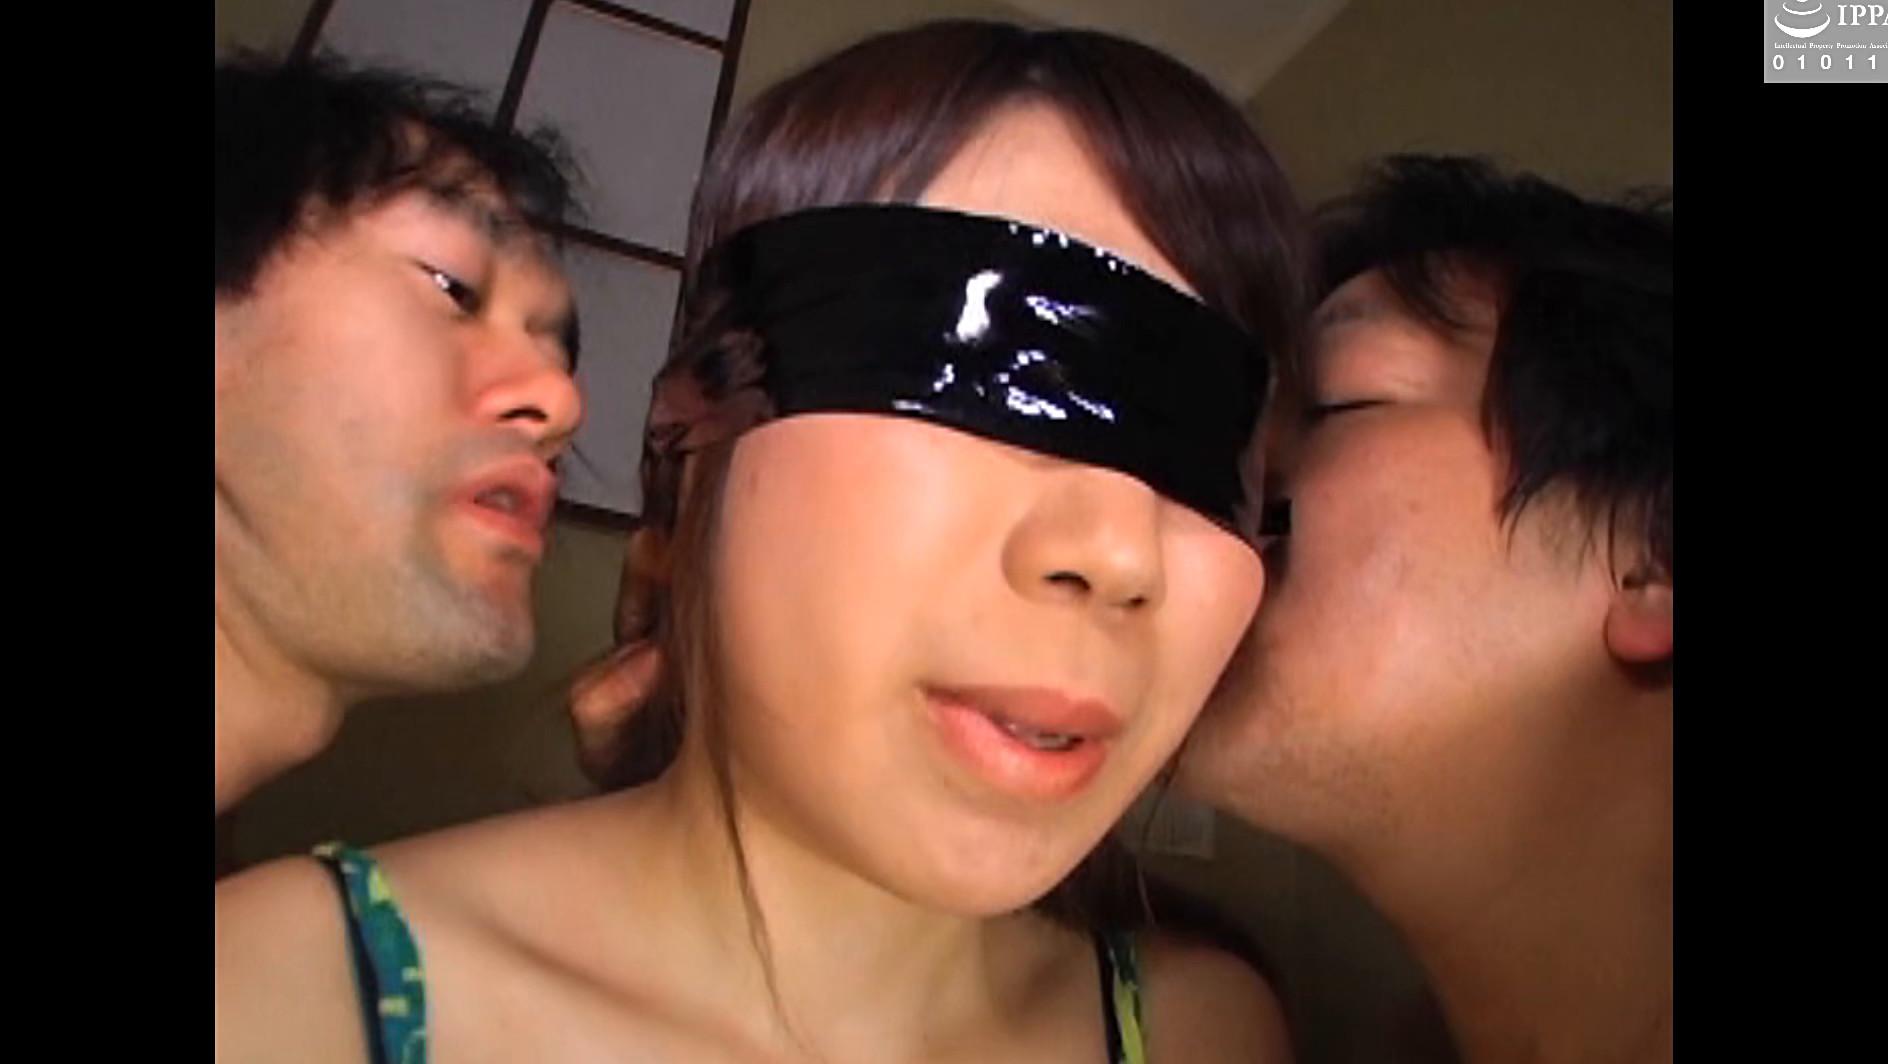 ドM美女を恐怖に陥れ服従させる性玩具遊び2